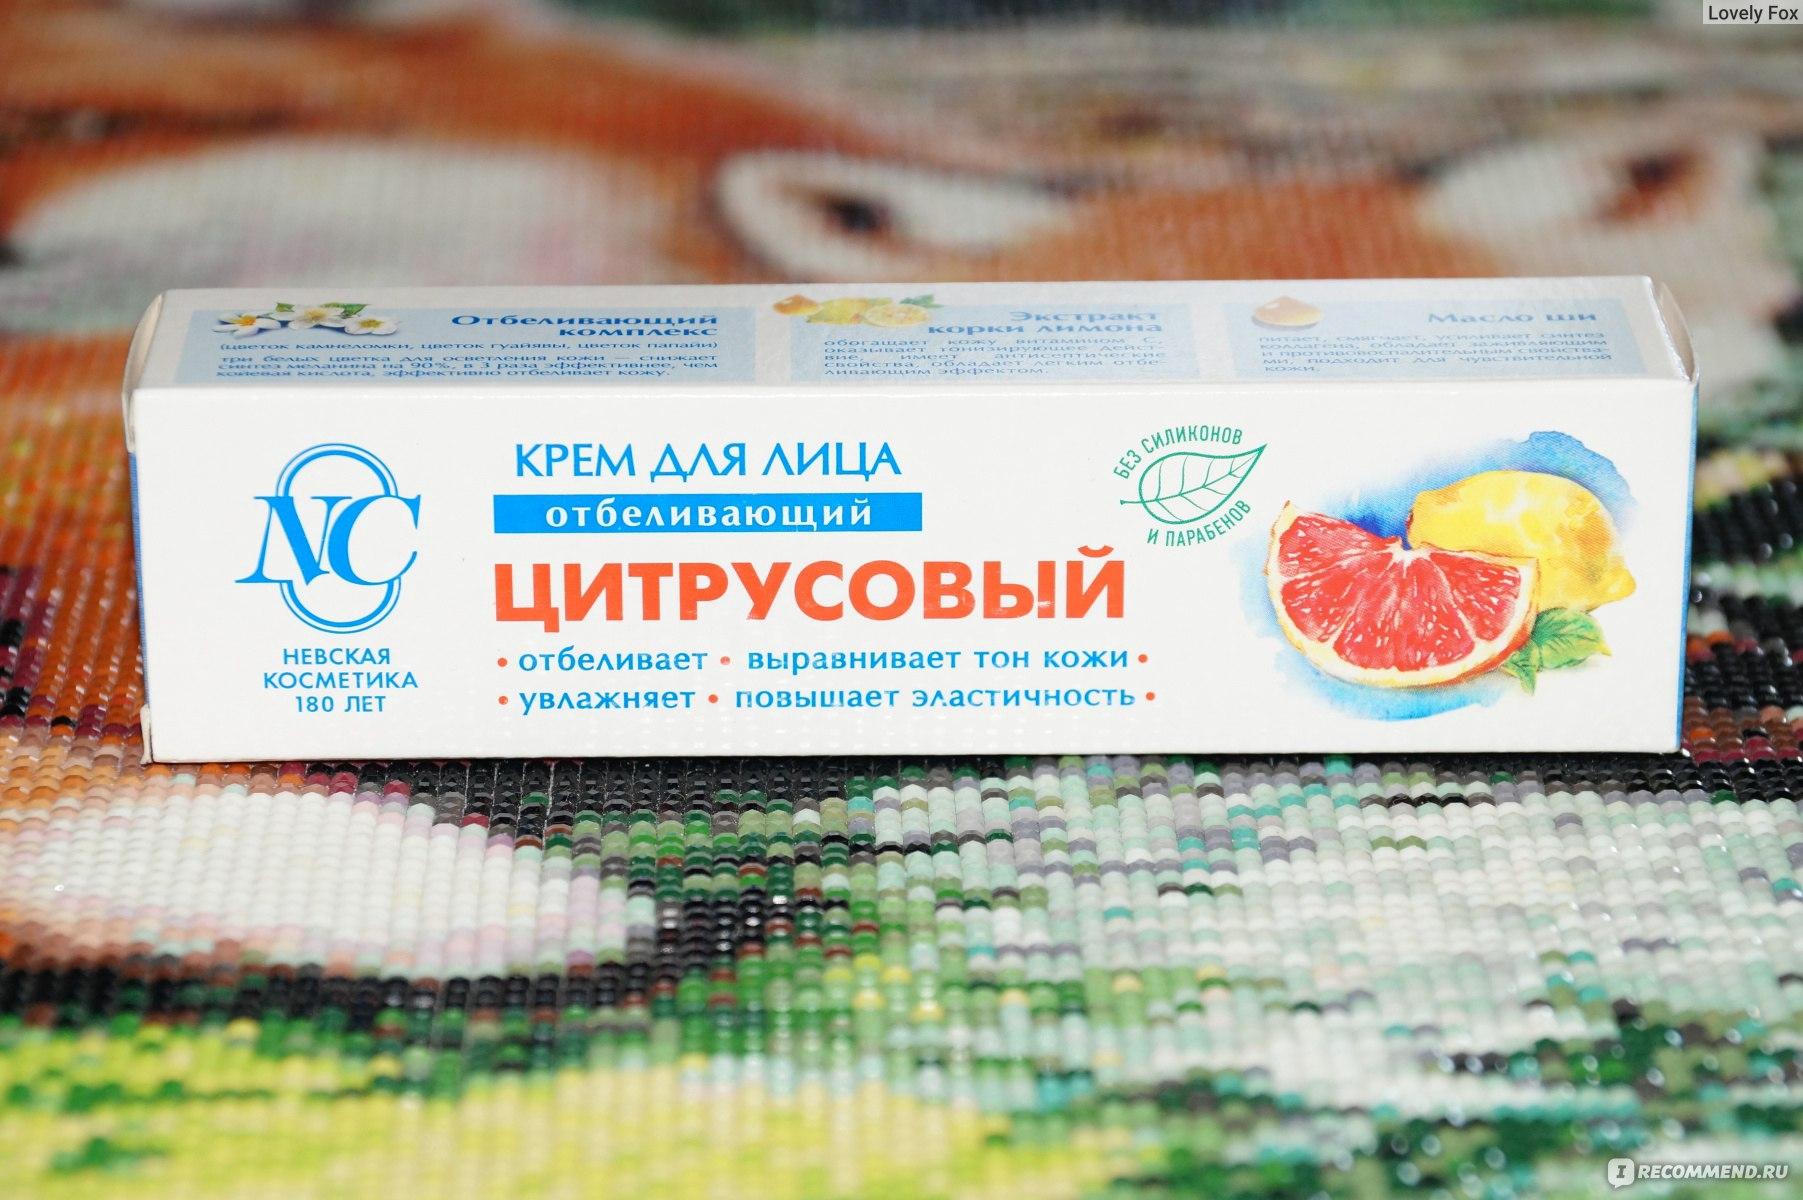 Где можно купить цитрусовый отбеливающий крем невская косметика эйвон каталог новый каталог